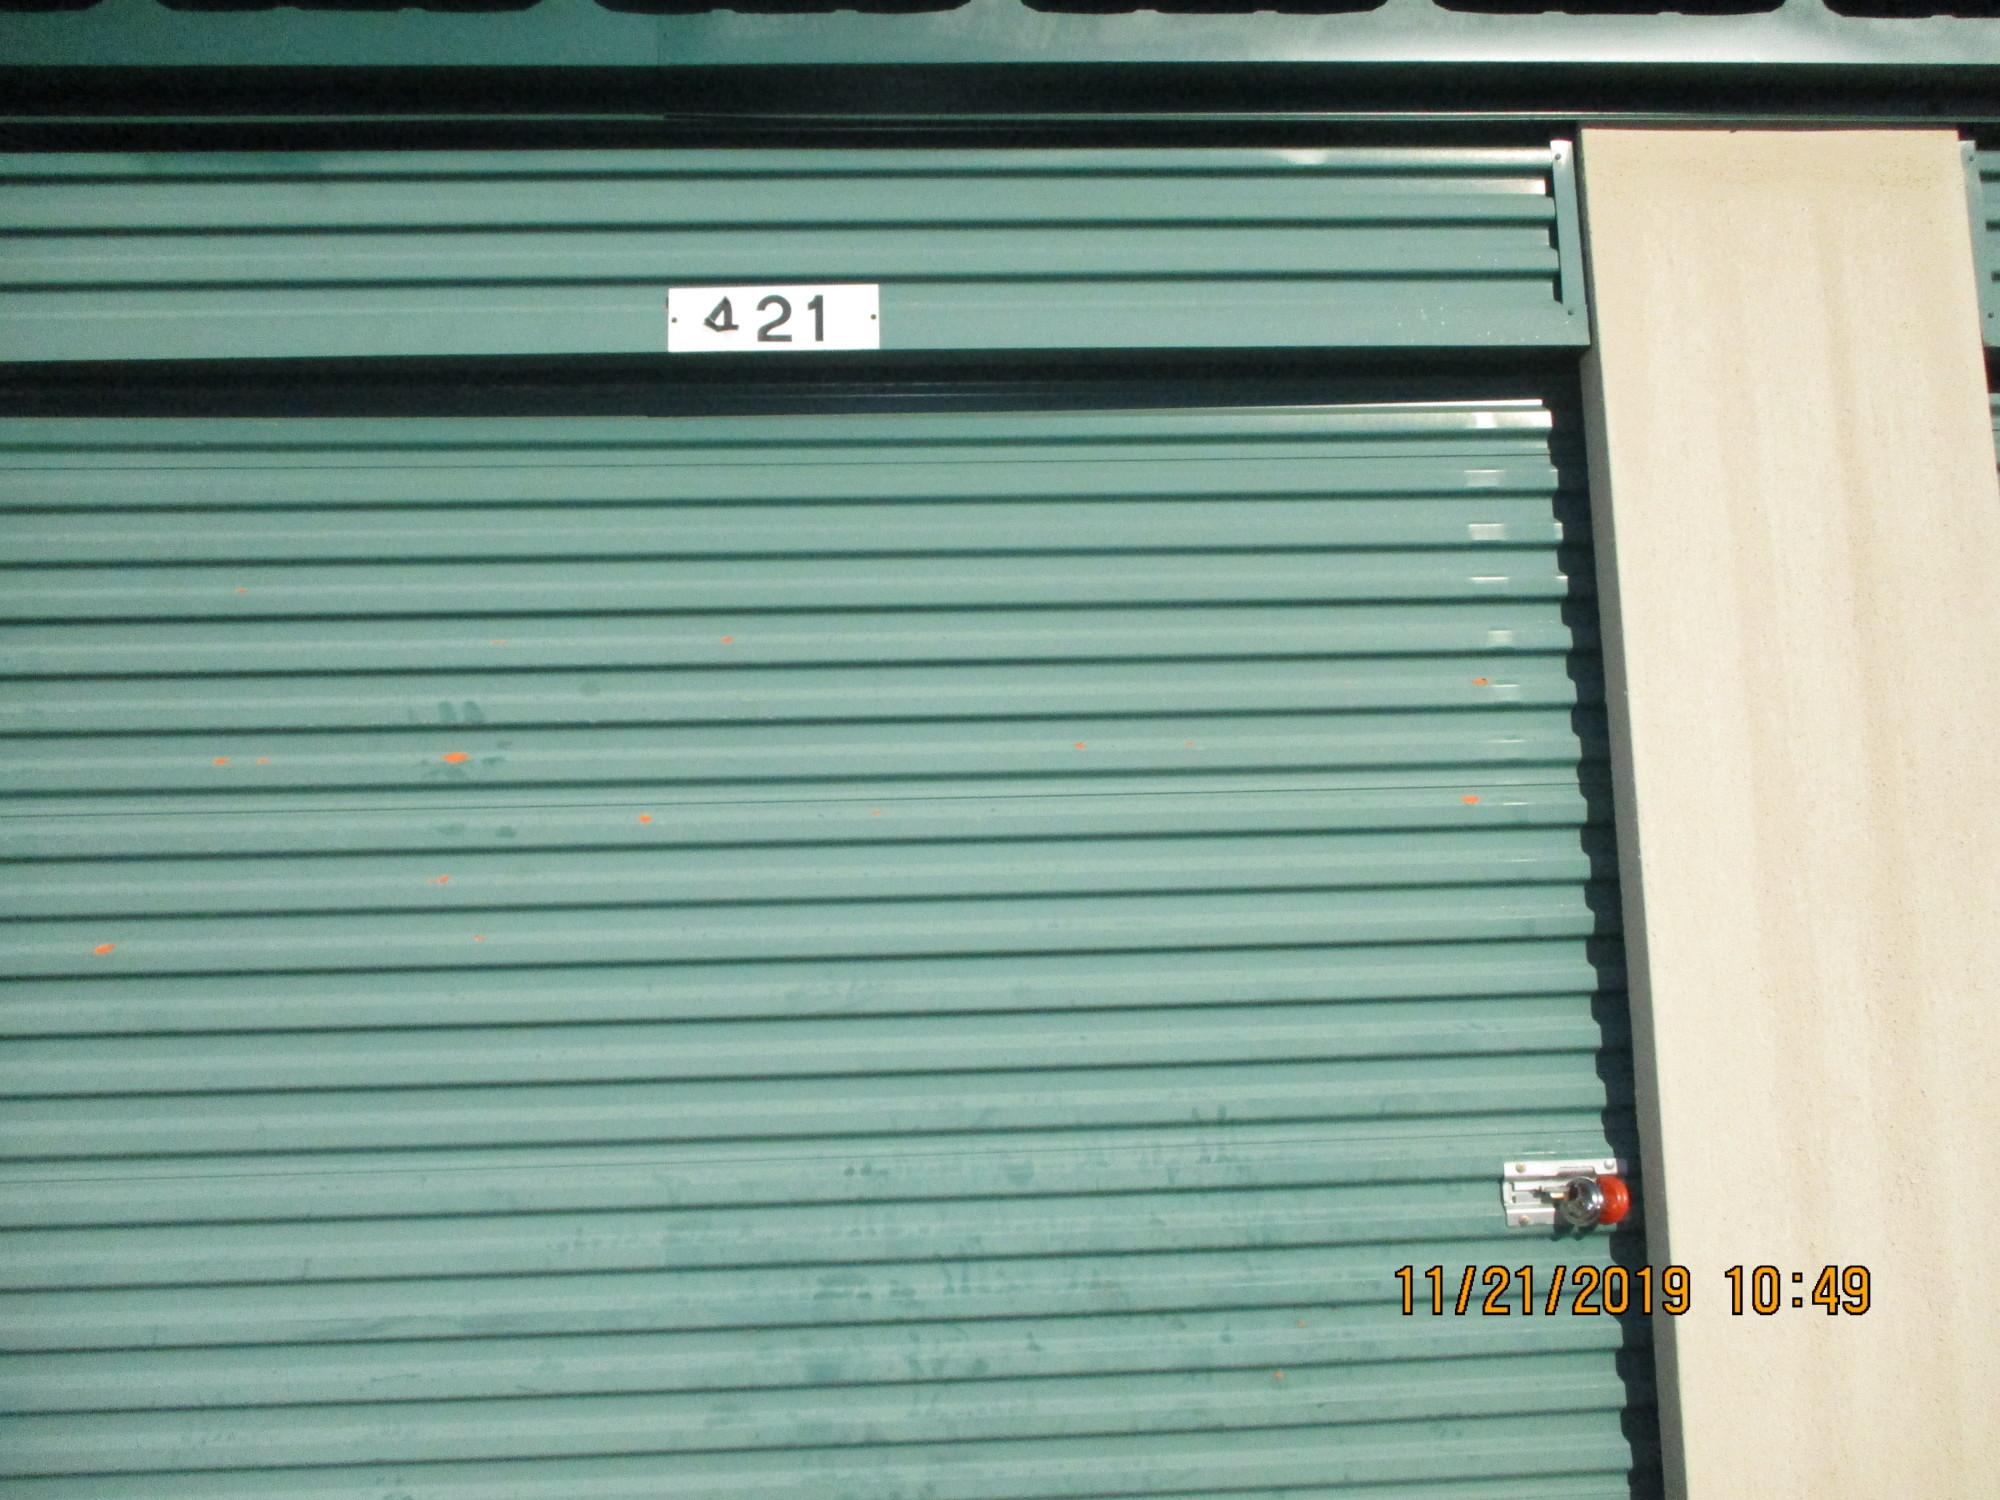 Storage Unit Auction 964330 Lithia Springs Ga